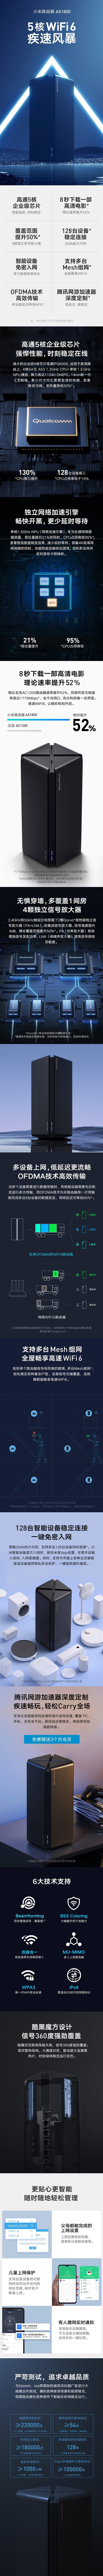 一图看懂小米 Wi-Fi 6 路由器 AX1800-玩懂手机网 - 玩懂手机第一手的手机资讯网(www.wdshouji.com)